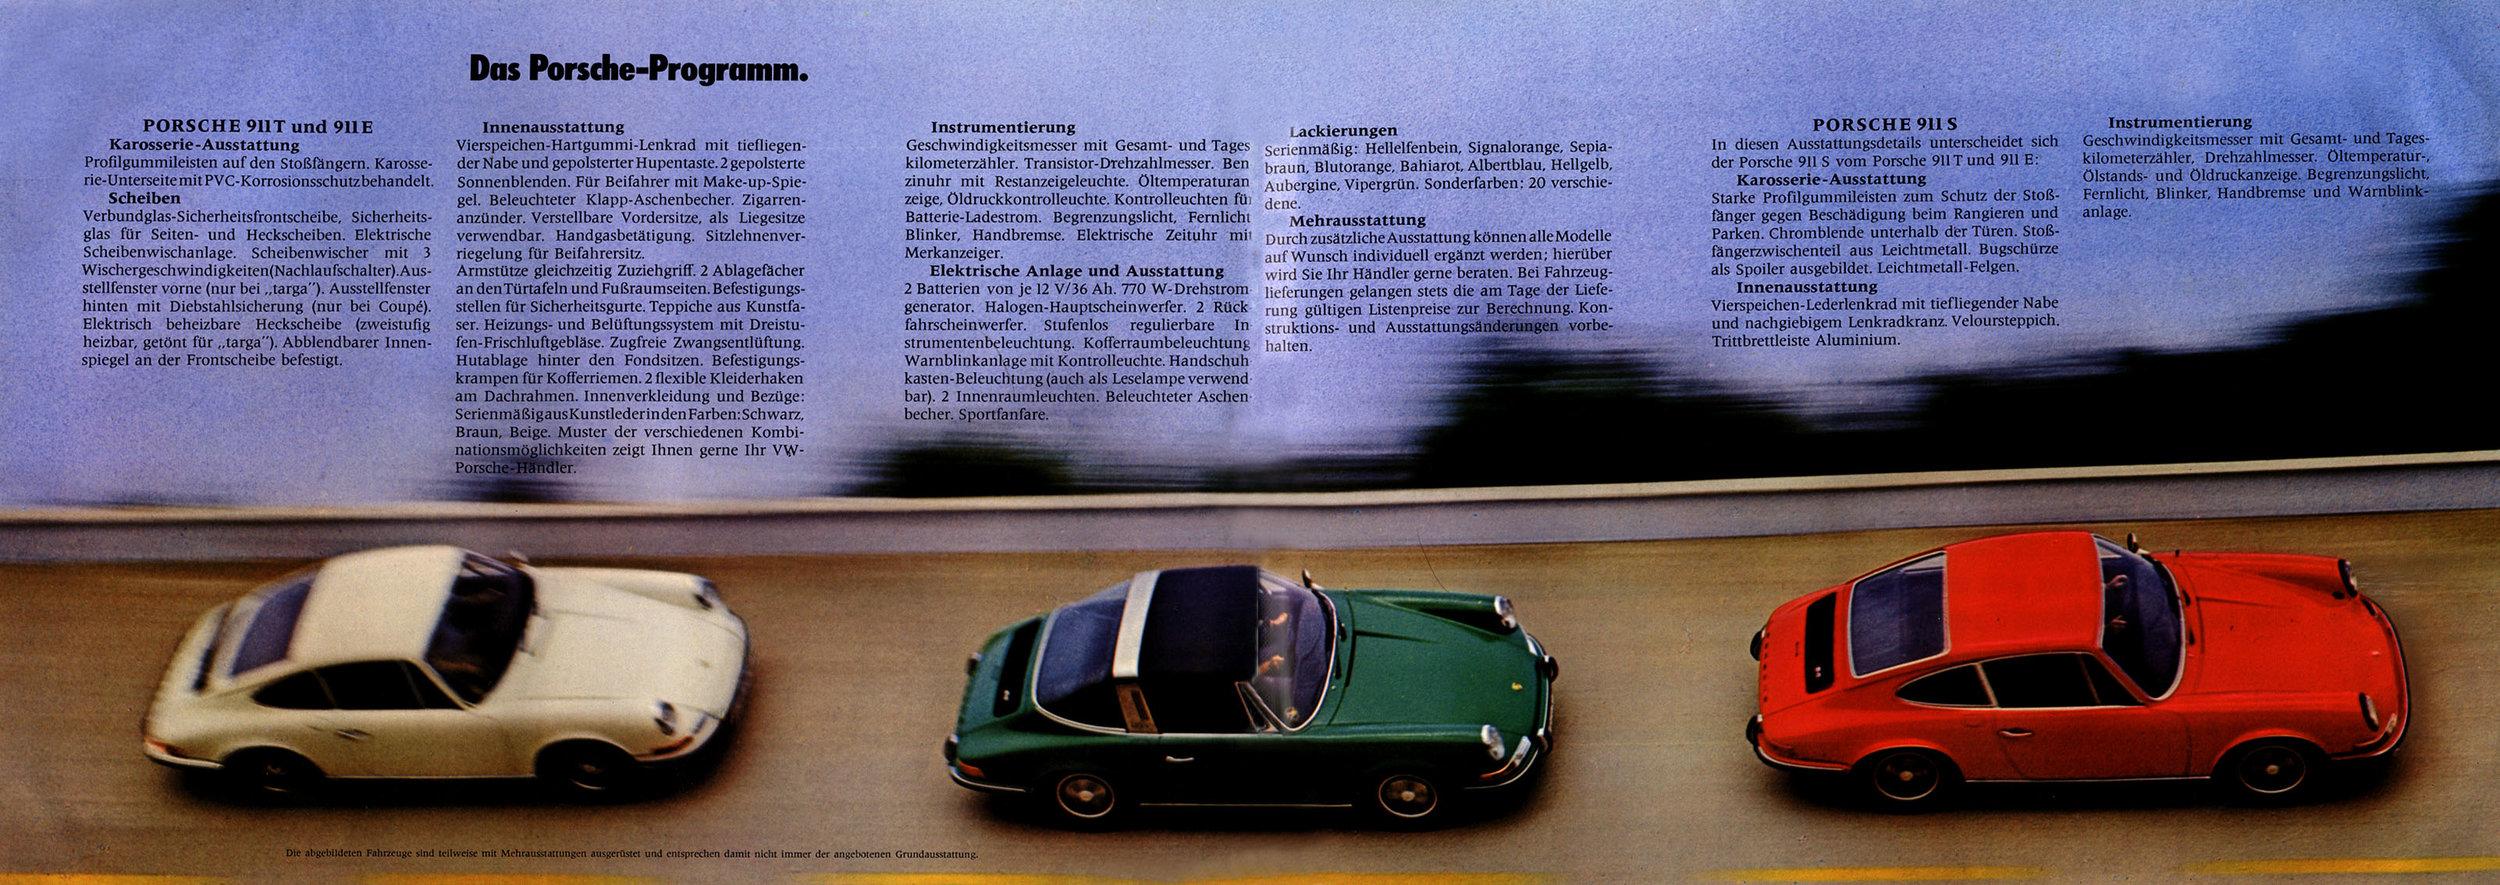 TunnelRam_Porsche 911 (37).jpg